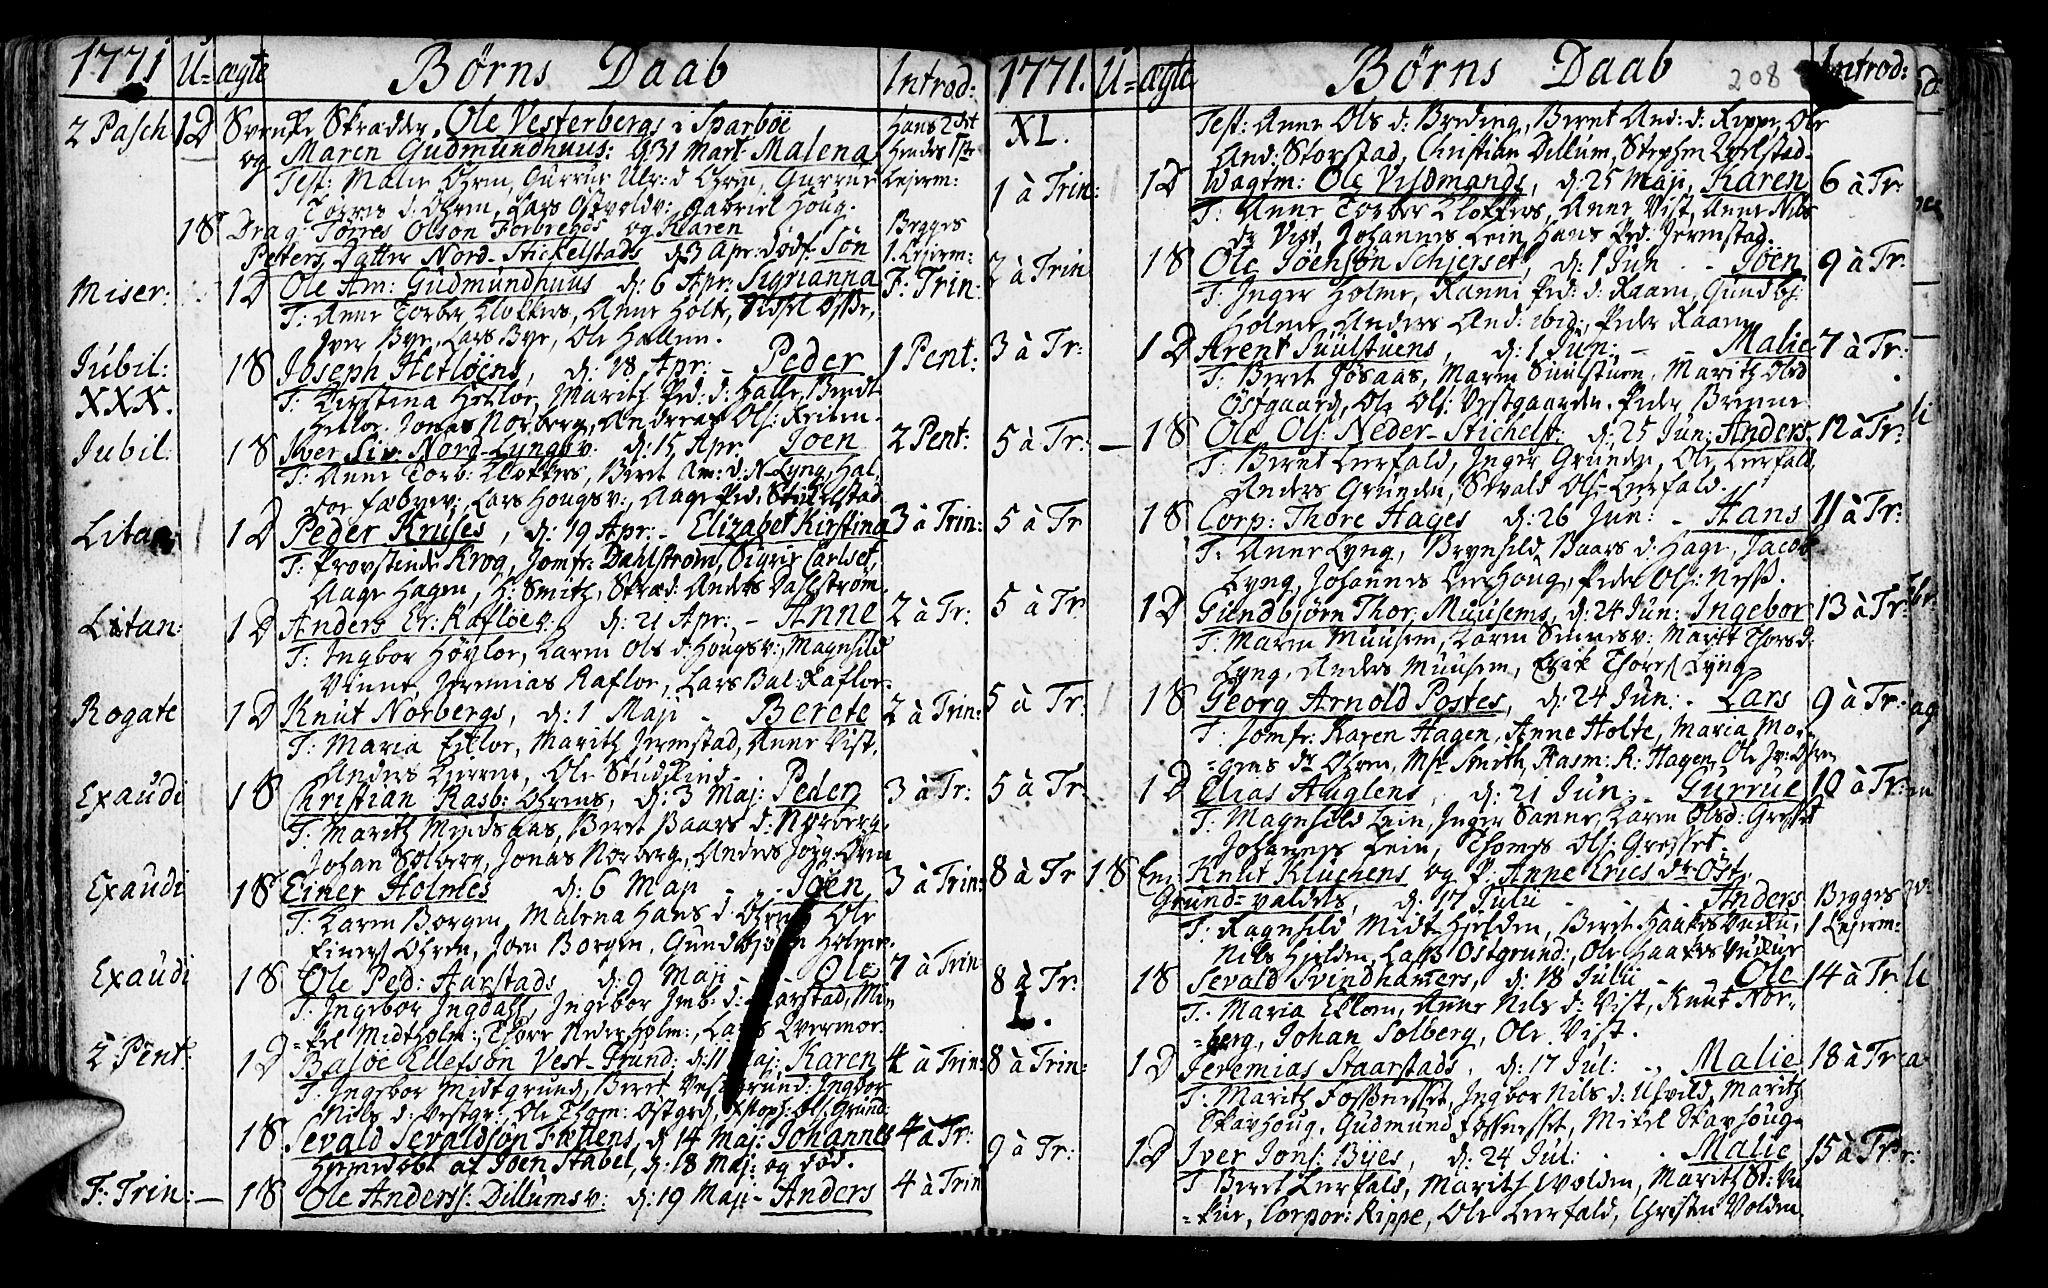 SAT, Ministerialprotokoller, klokkerbøker og fødselsregistre - Nord-Trøndelag, 723/L0231: Ministerialbok nr. 723A02, 1748-1780, s. 208